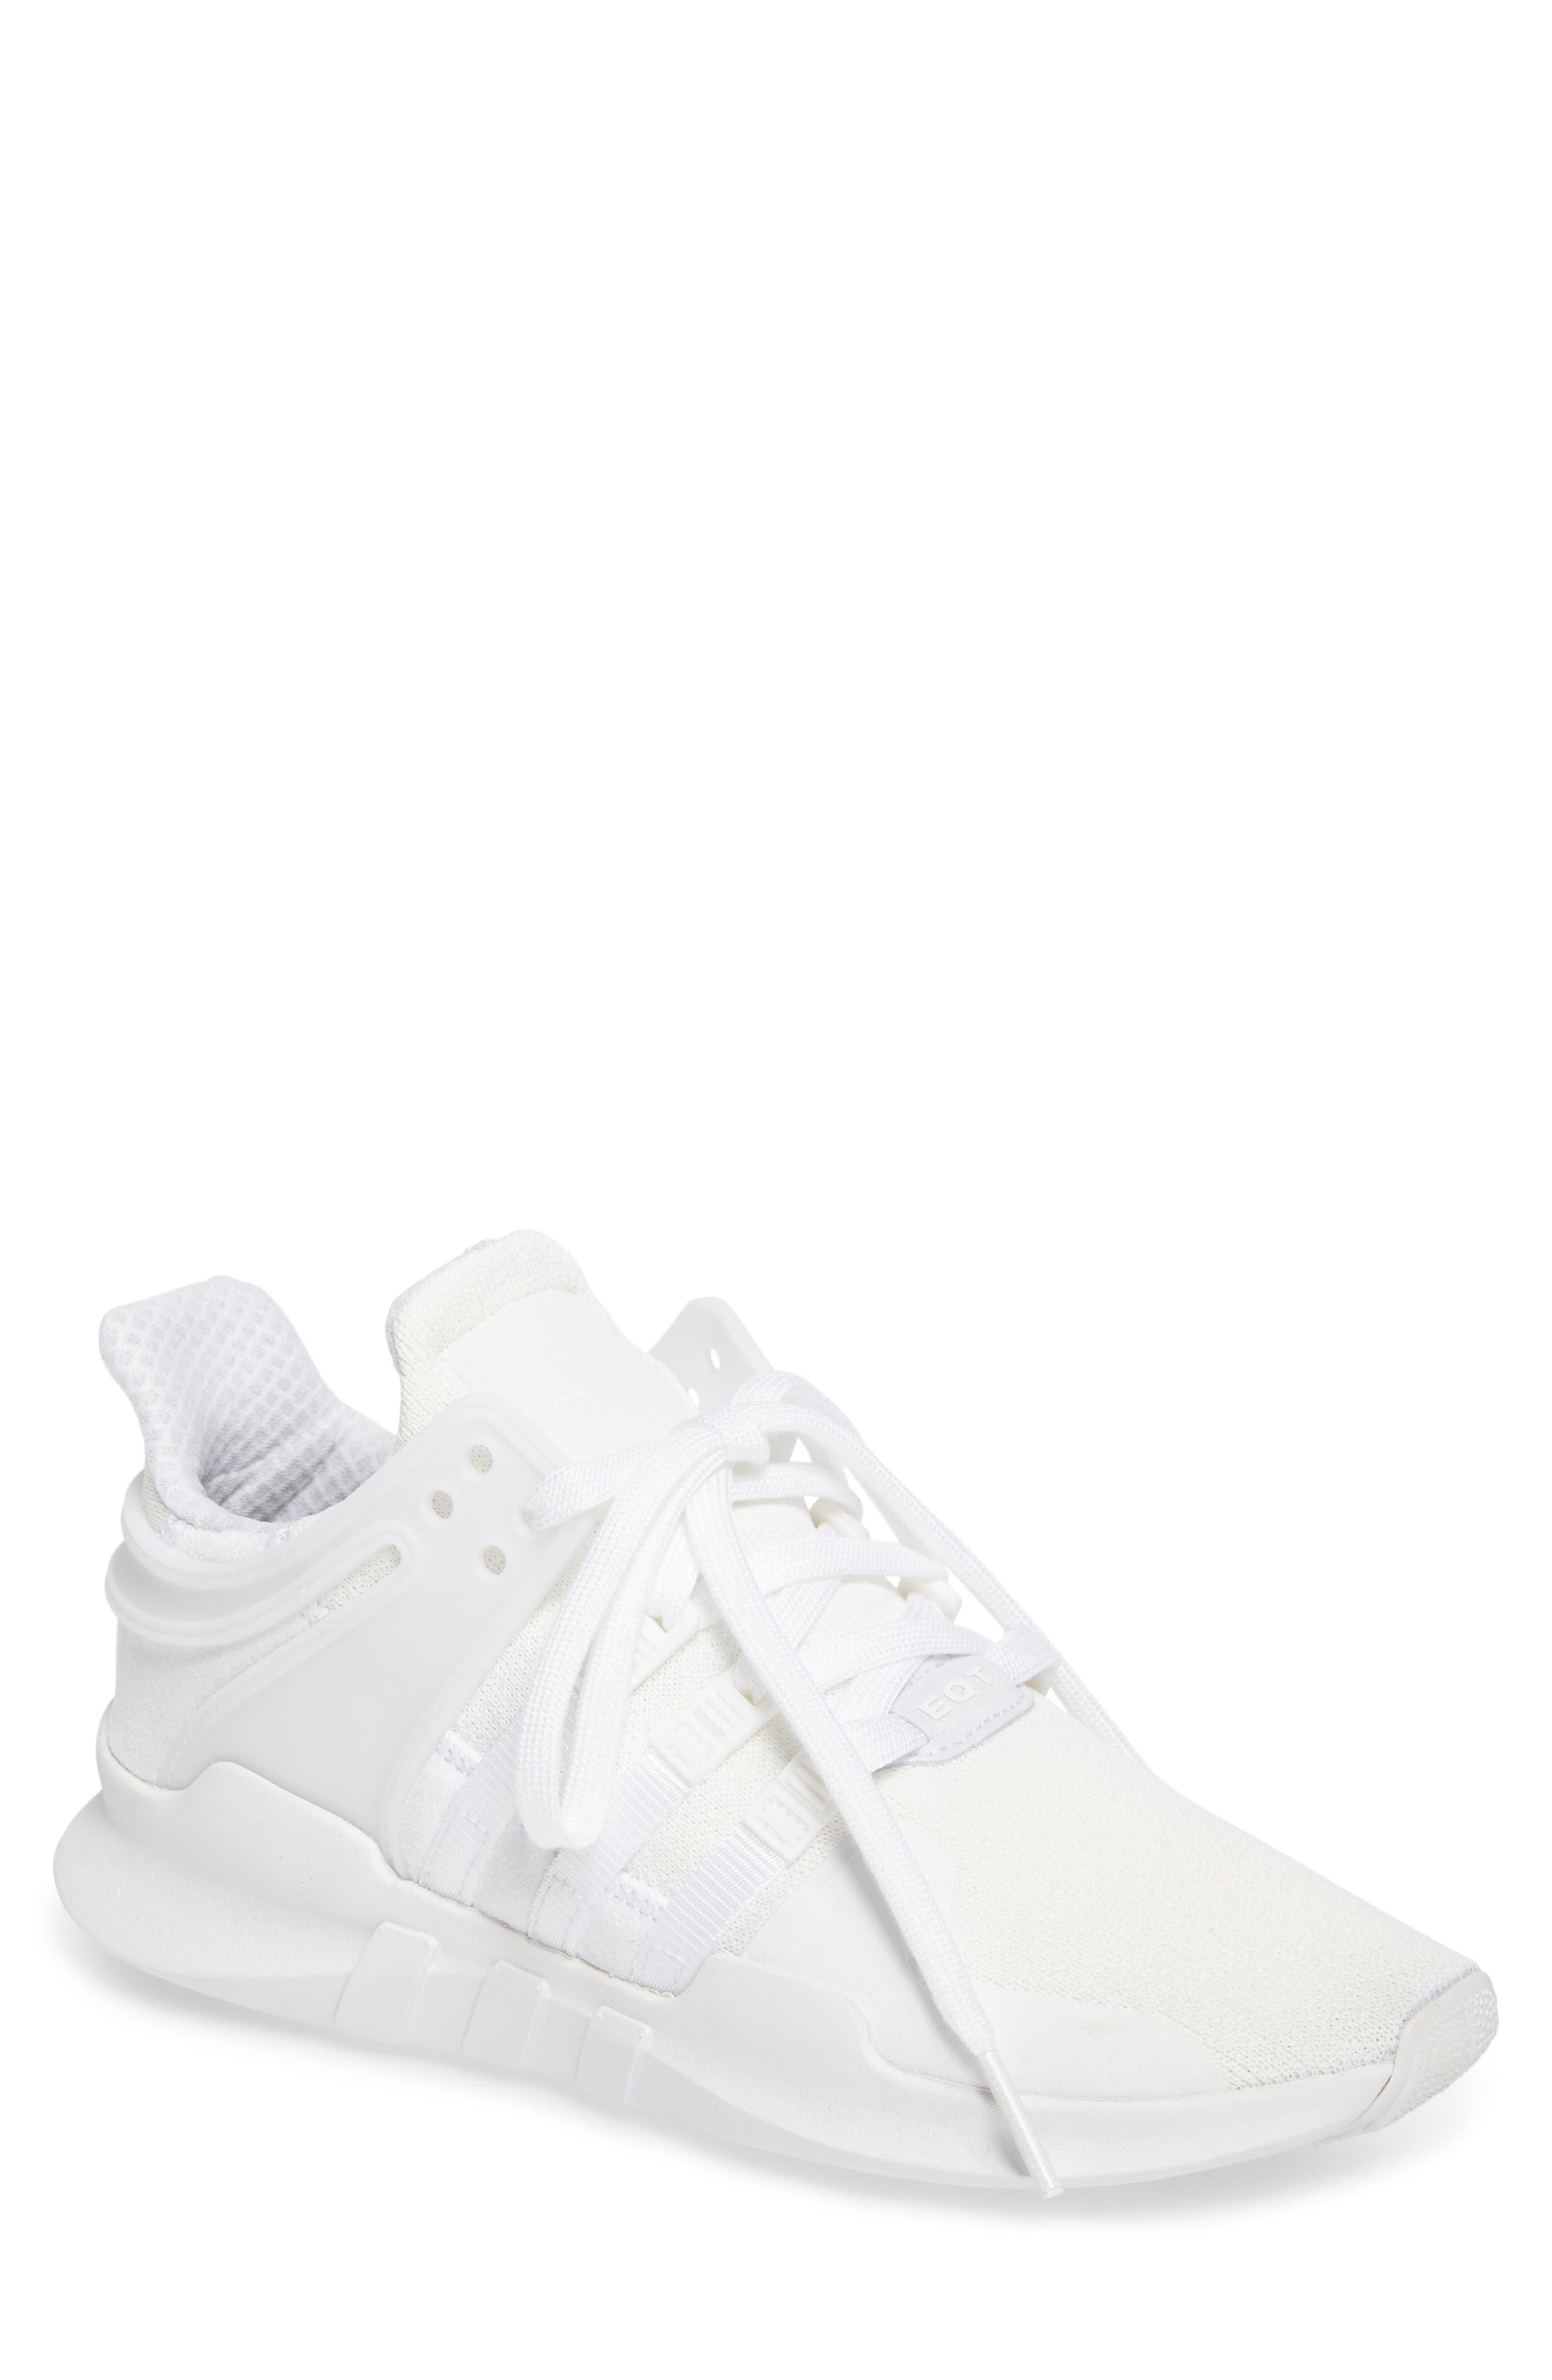 EQT Support Adv Sneaker,                         Main,                         color, White/Core Black